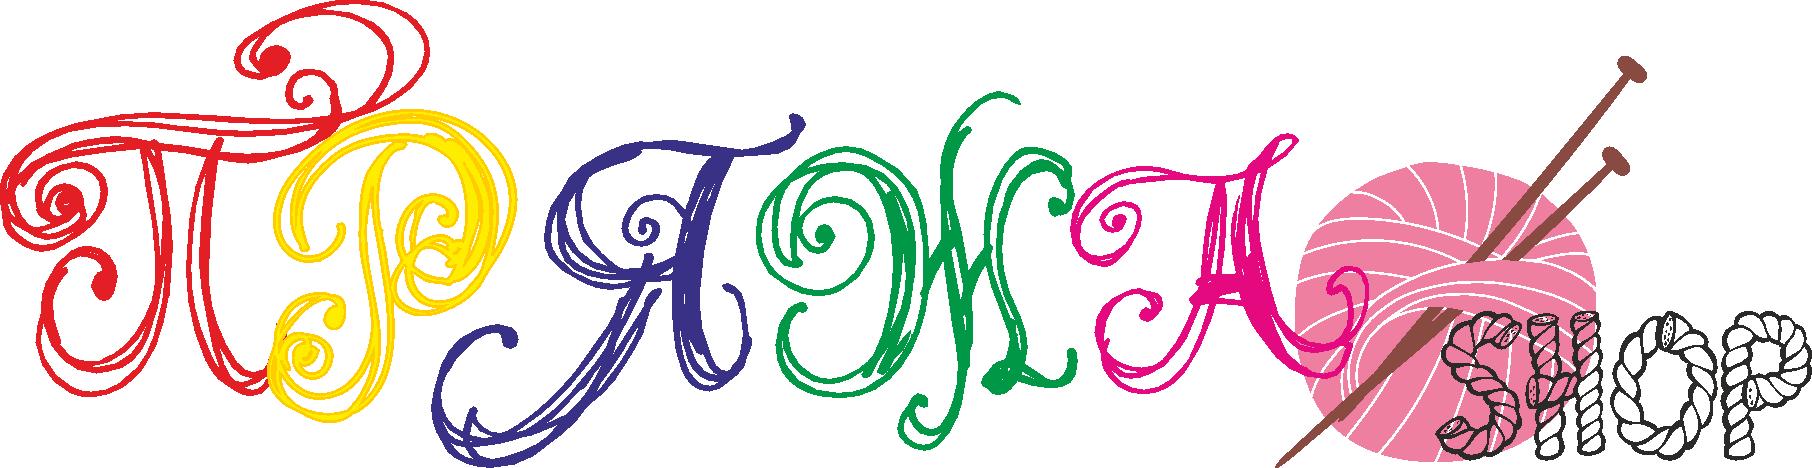 """пряжа nako pure wool plus 10271 ( нако пур вул плюс ) для вязания одежды взрослым и детям, шапок, шарфов, бактусов всех возможных оттенков - купить в украине в интернет-магазине """"пряжа-shop"""" 1028 priazha-shop.com 1"""